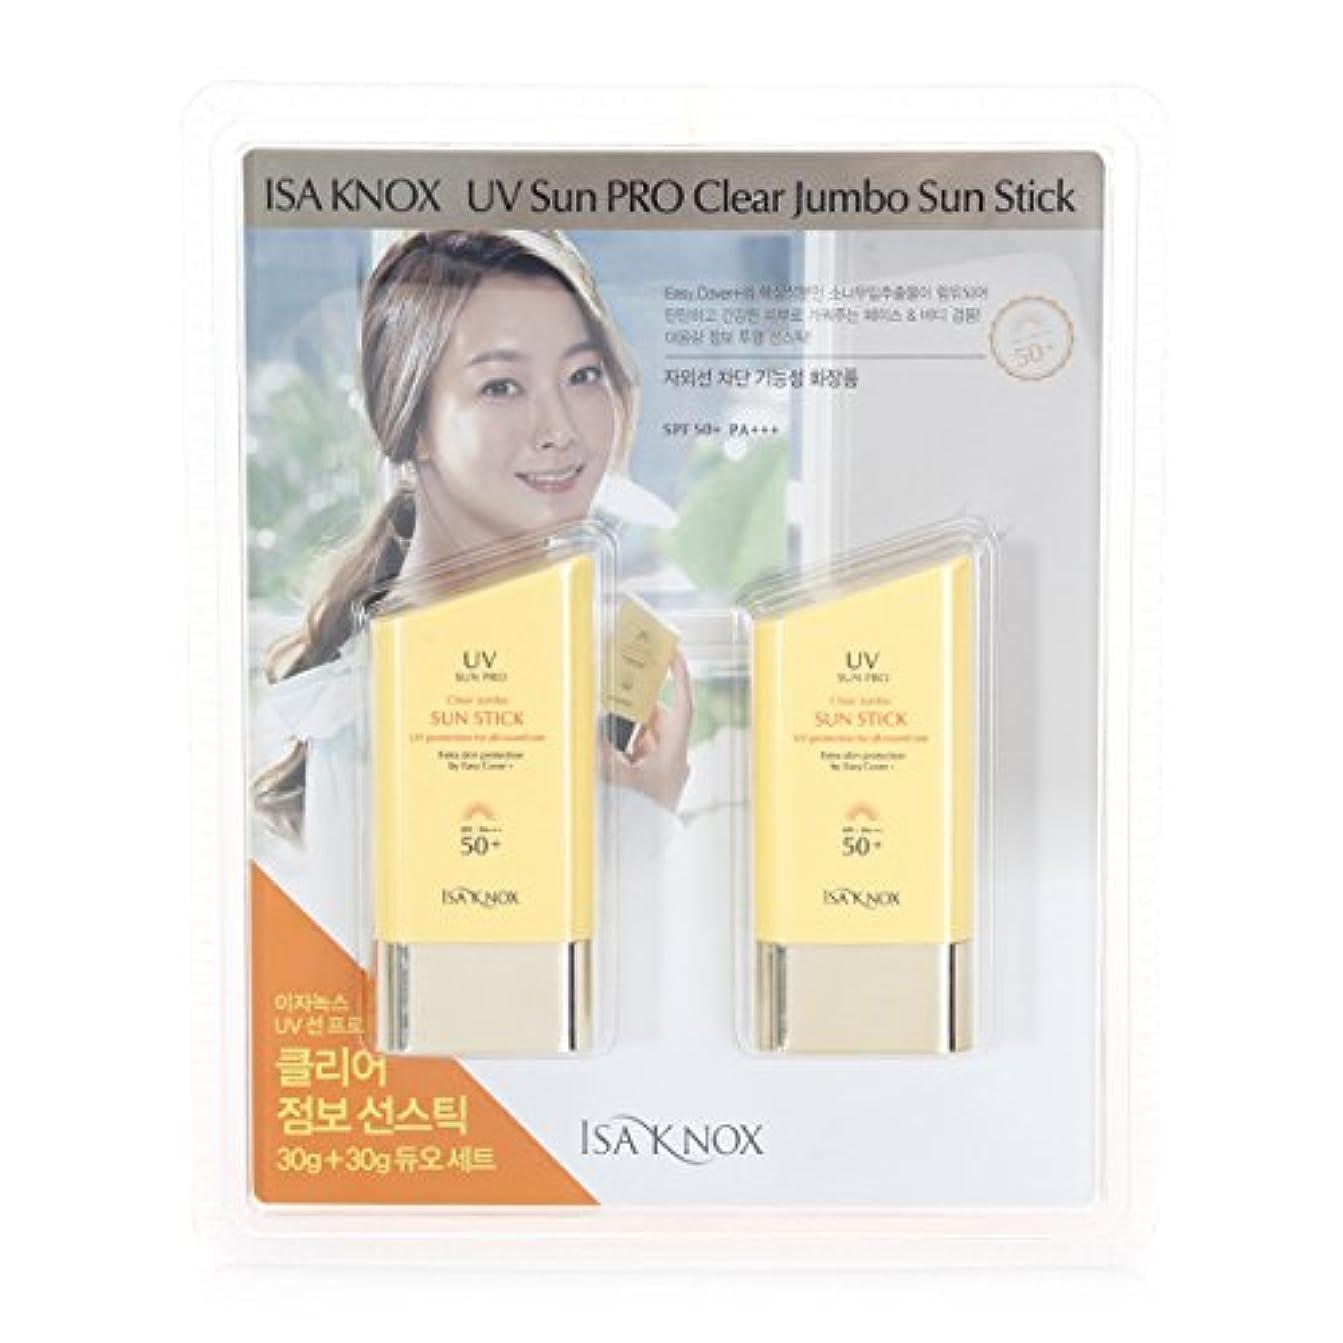 しなやか絶滅したオークション[イザノックス / ISA KNOX] UVサンプロクリアジャンボサンスティック 30g×2個セット / ISA KNOX Sun Pro Clear Jumbo Sun Stick / SPF50+ PA++ / クリアスティック...